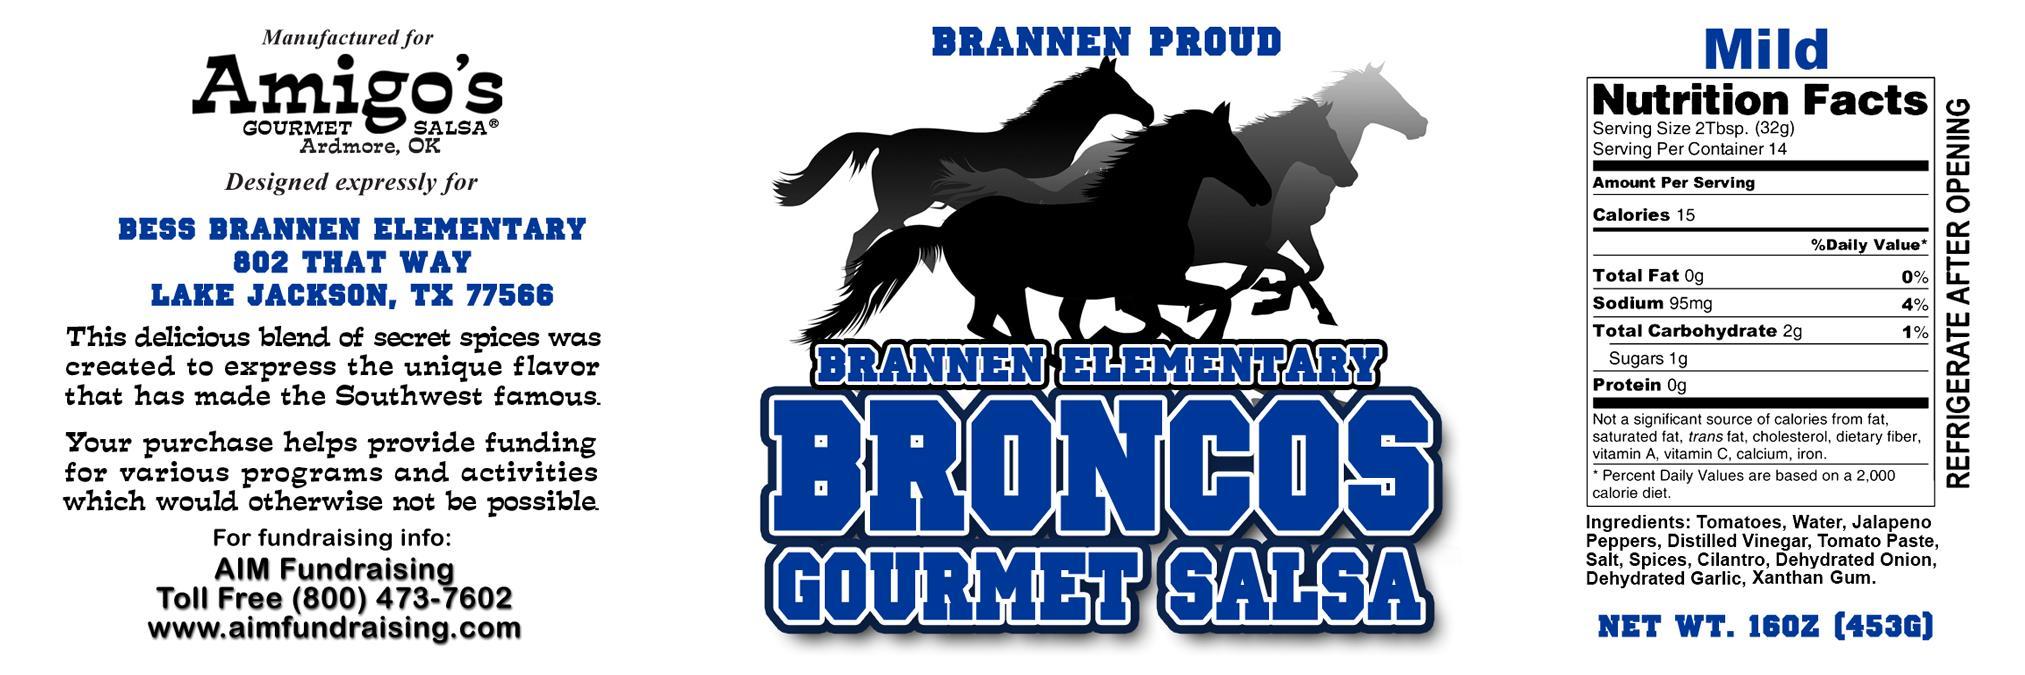 Brannen Elementary Broncos Jar MILD.jpg